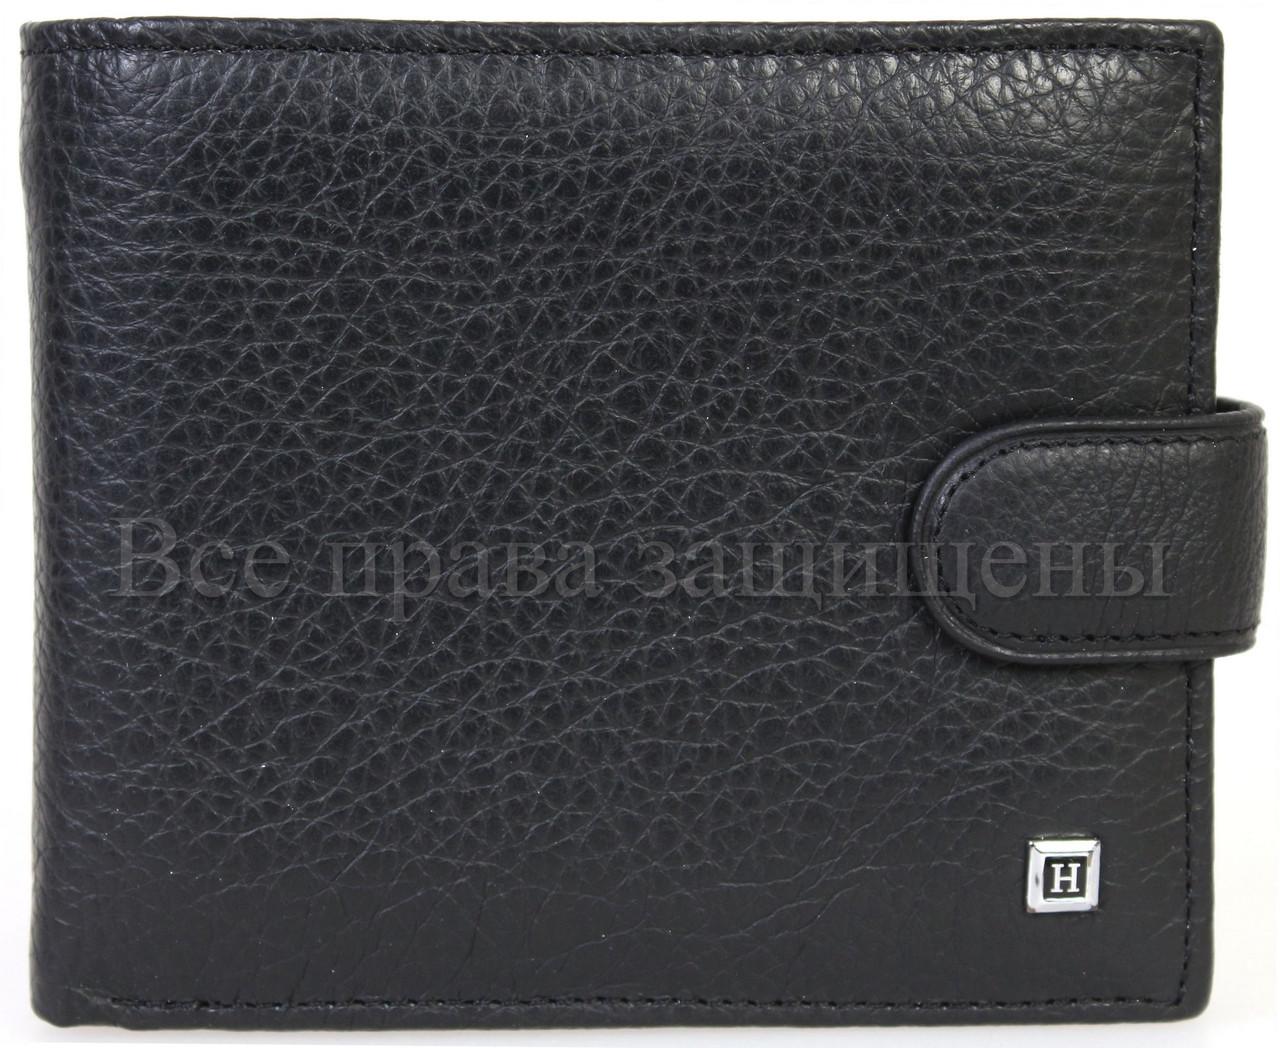 ebfc52802de5 Стильный мужской кошелек из натуральной кожи купить оптом дешево Horton  (H110BLACK)